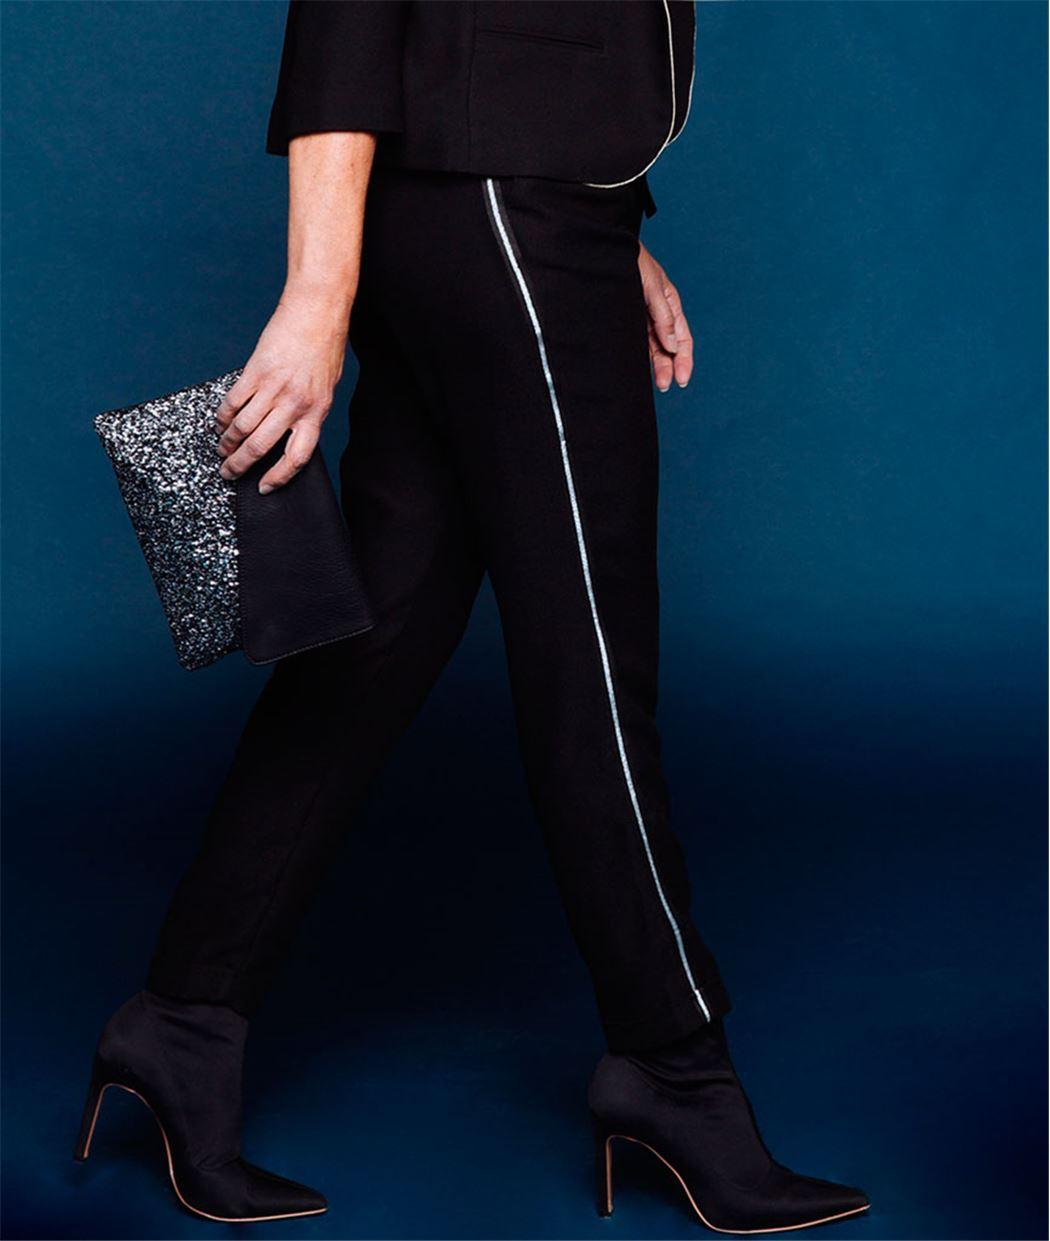 Pantalon femme fluide noir avec ceinture NOIR